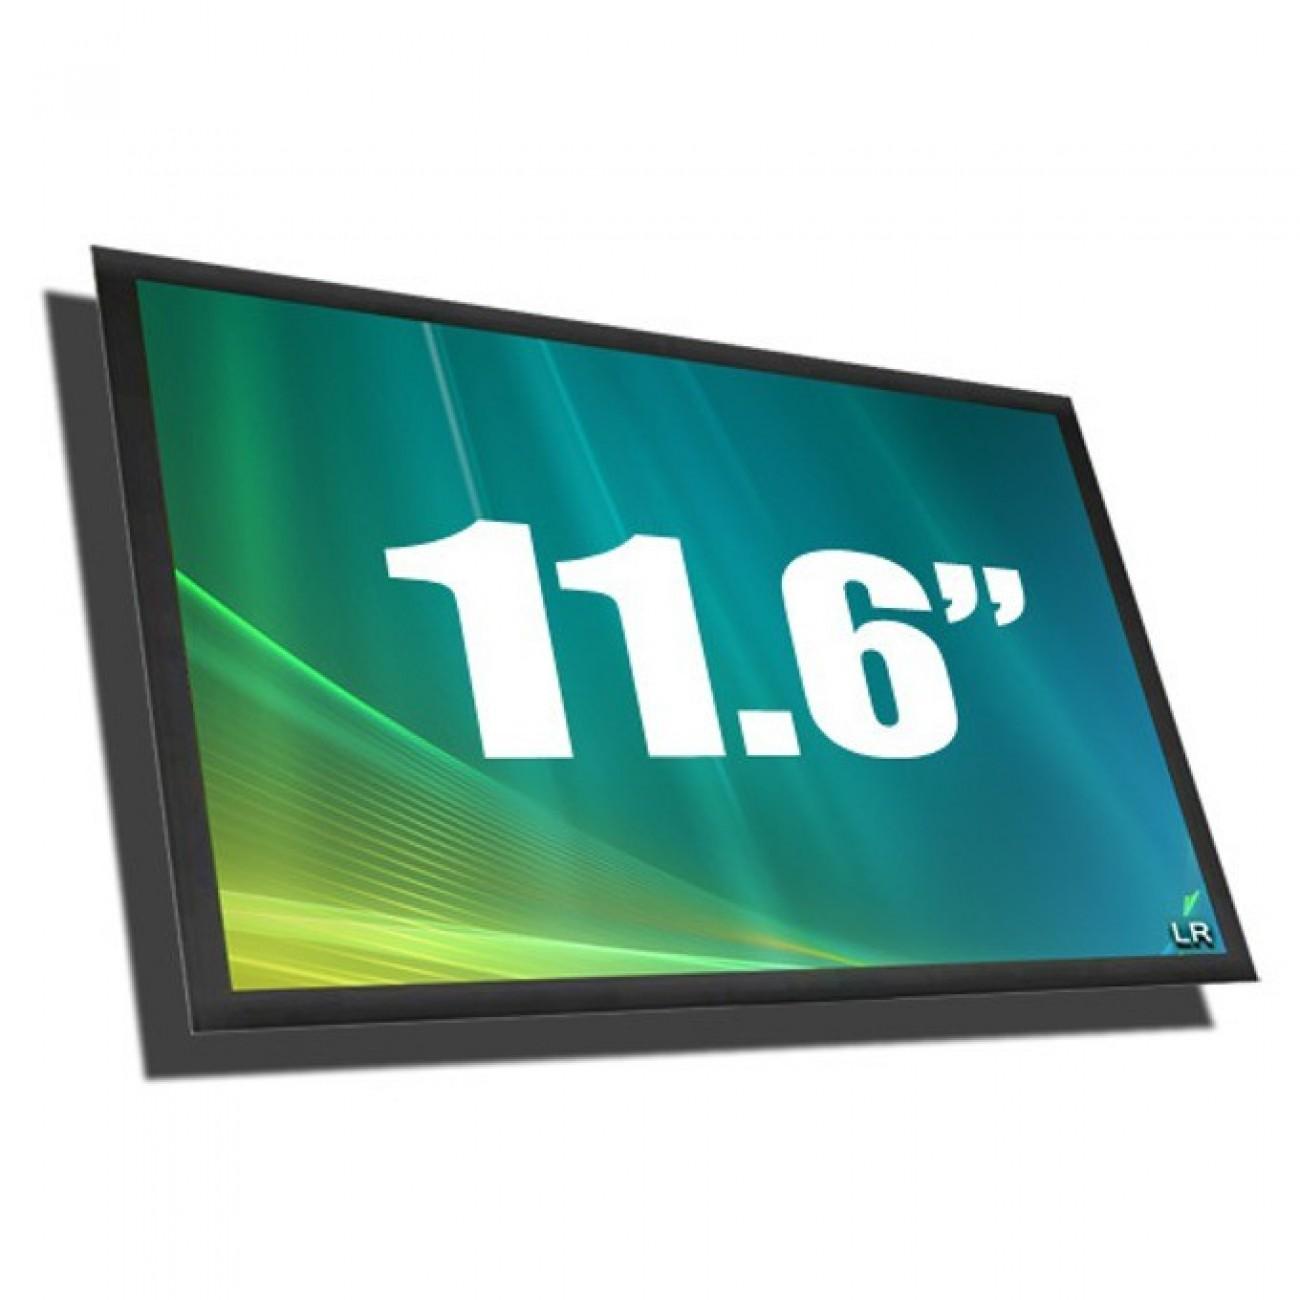 Матрица за лаптоп AU Optronics B116XAN03.2, 11.6 (29.46 cm) WXGAP 1366 x 768 pix., + Touch Glass Acer Aspire V5-122P V5-132P в Резервни части -  | Alleop